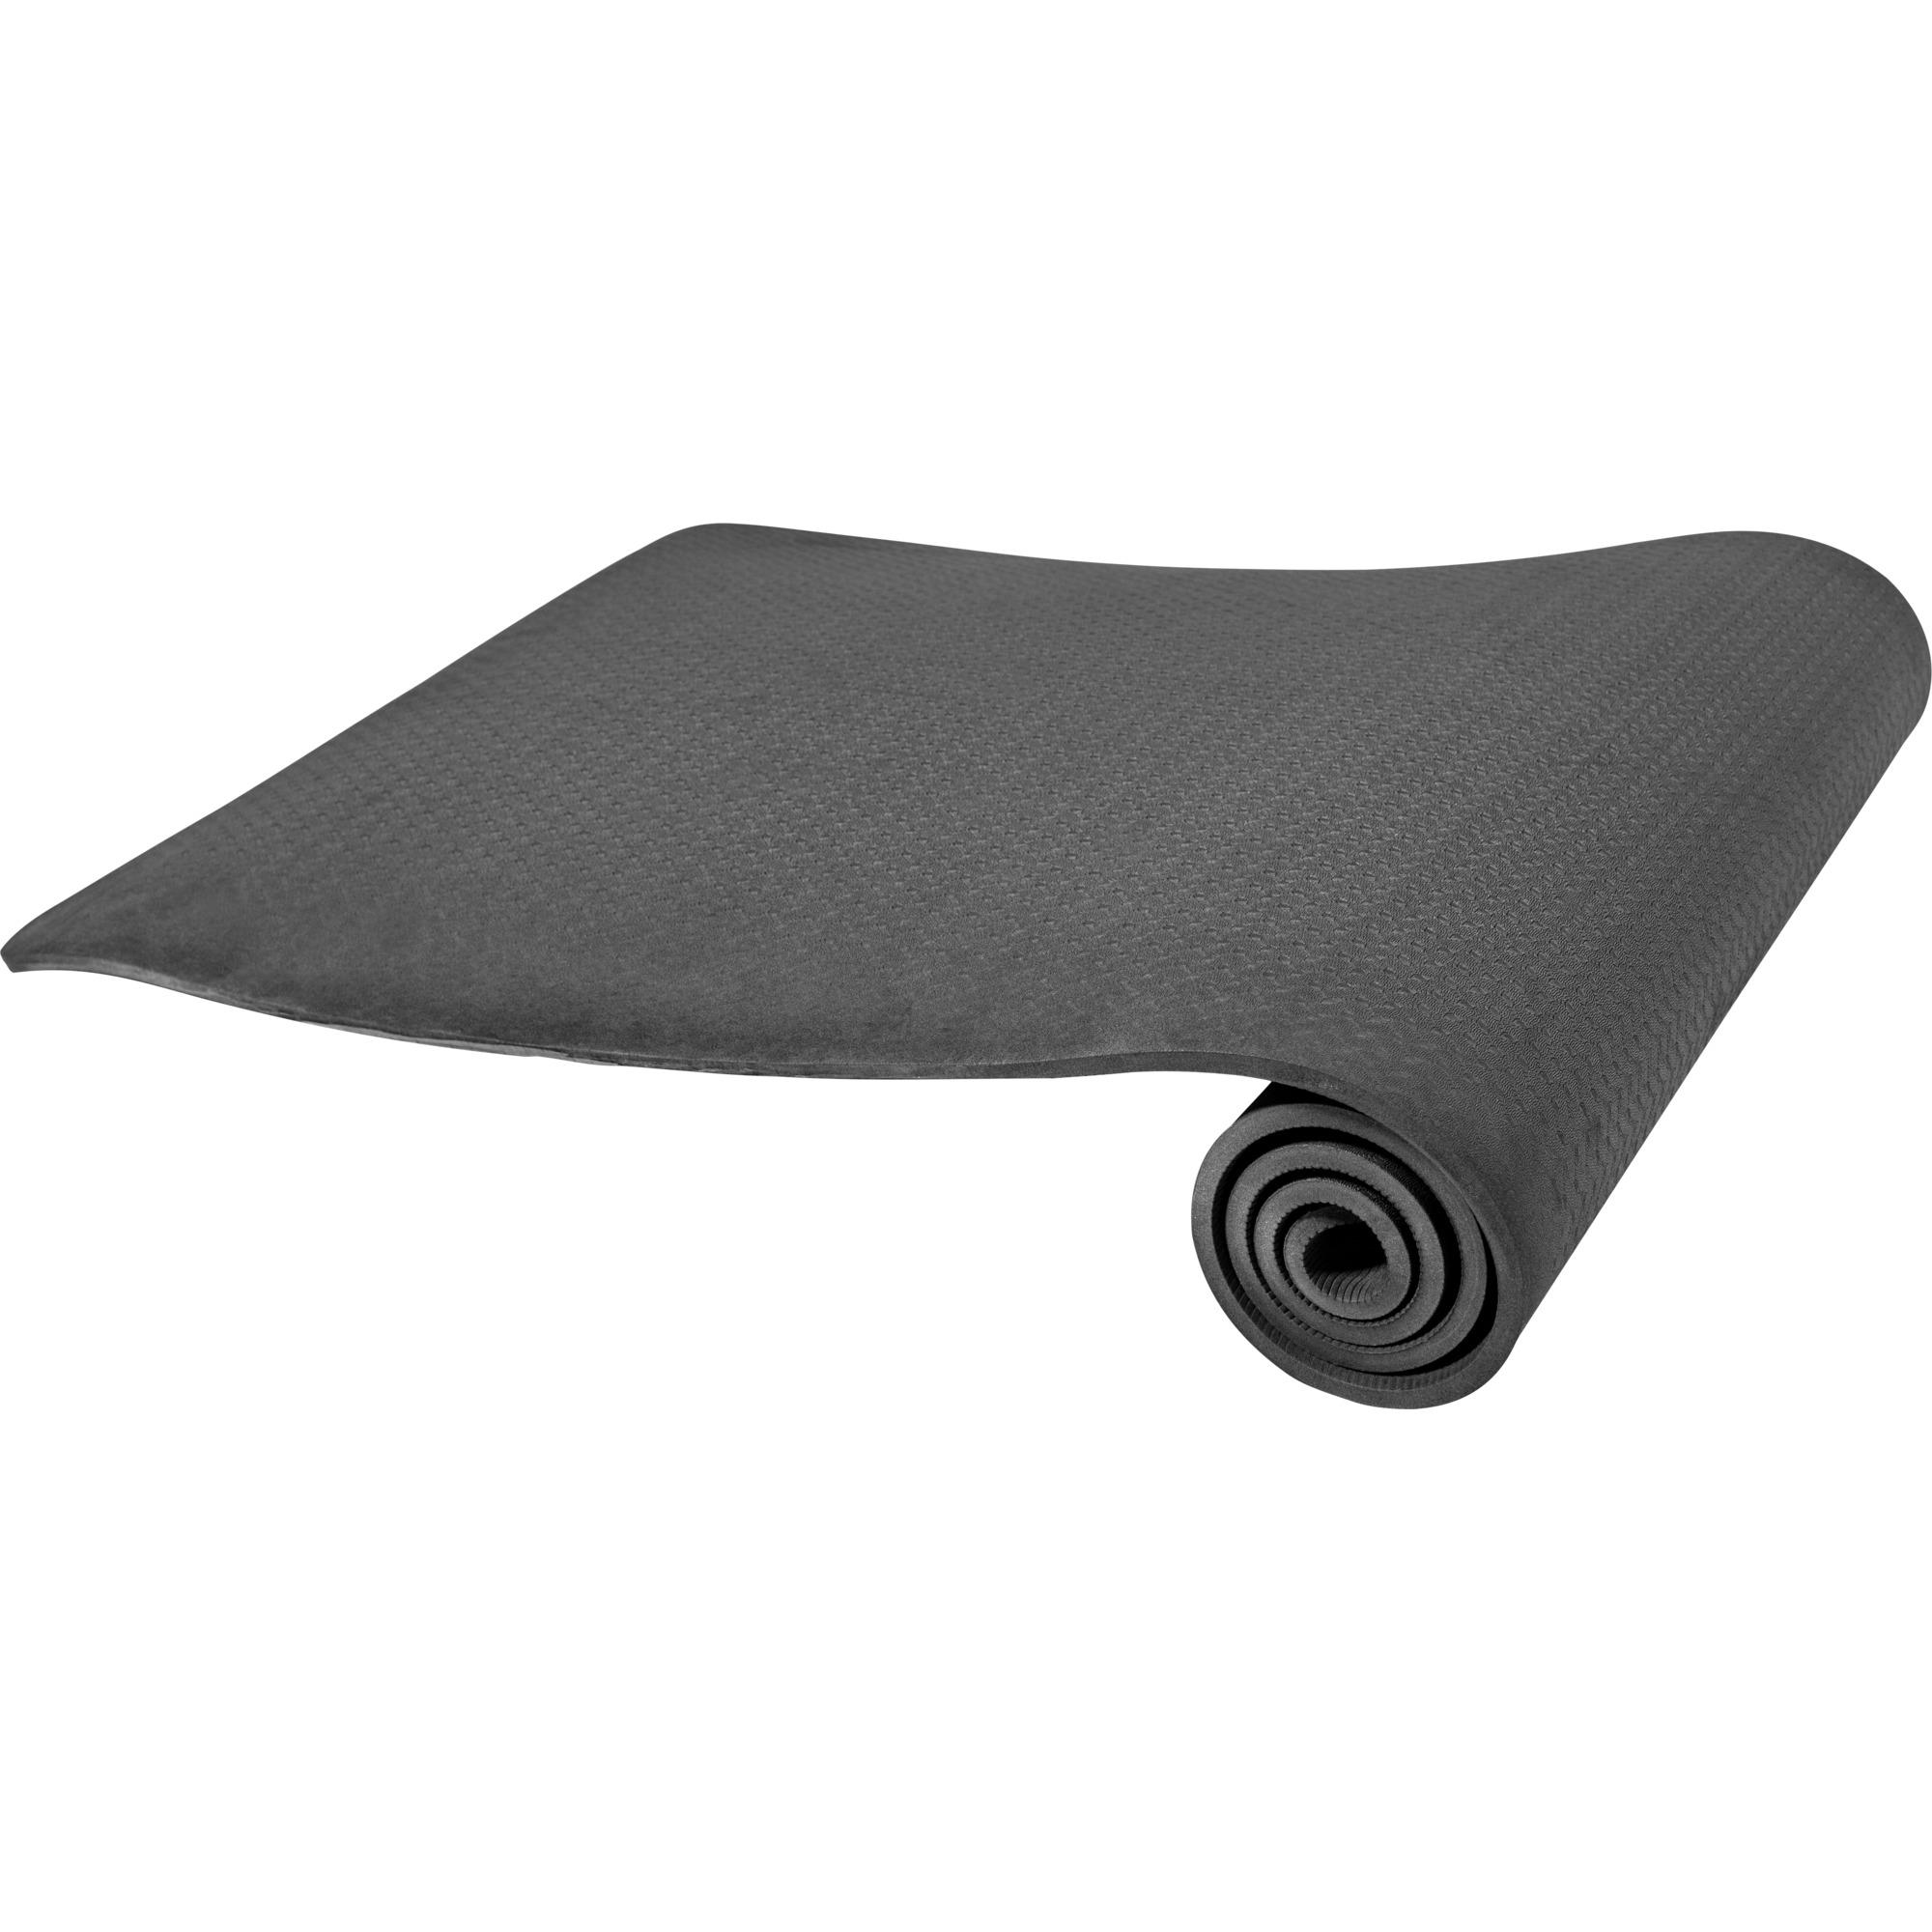 Yogamatte Dünn Schwarz 4 mm